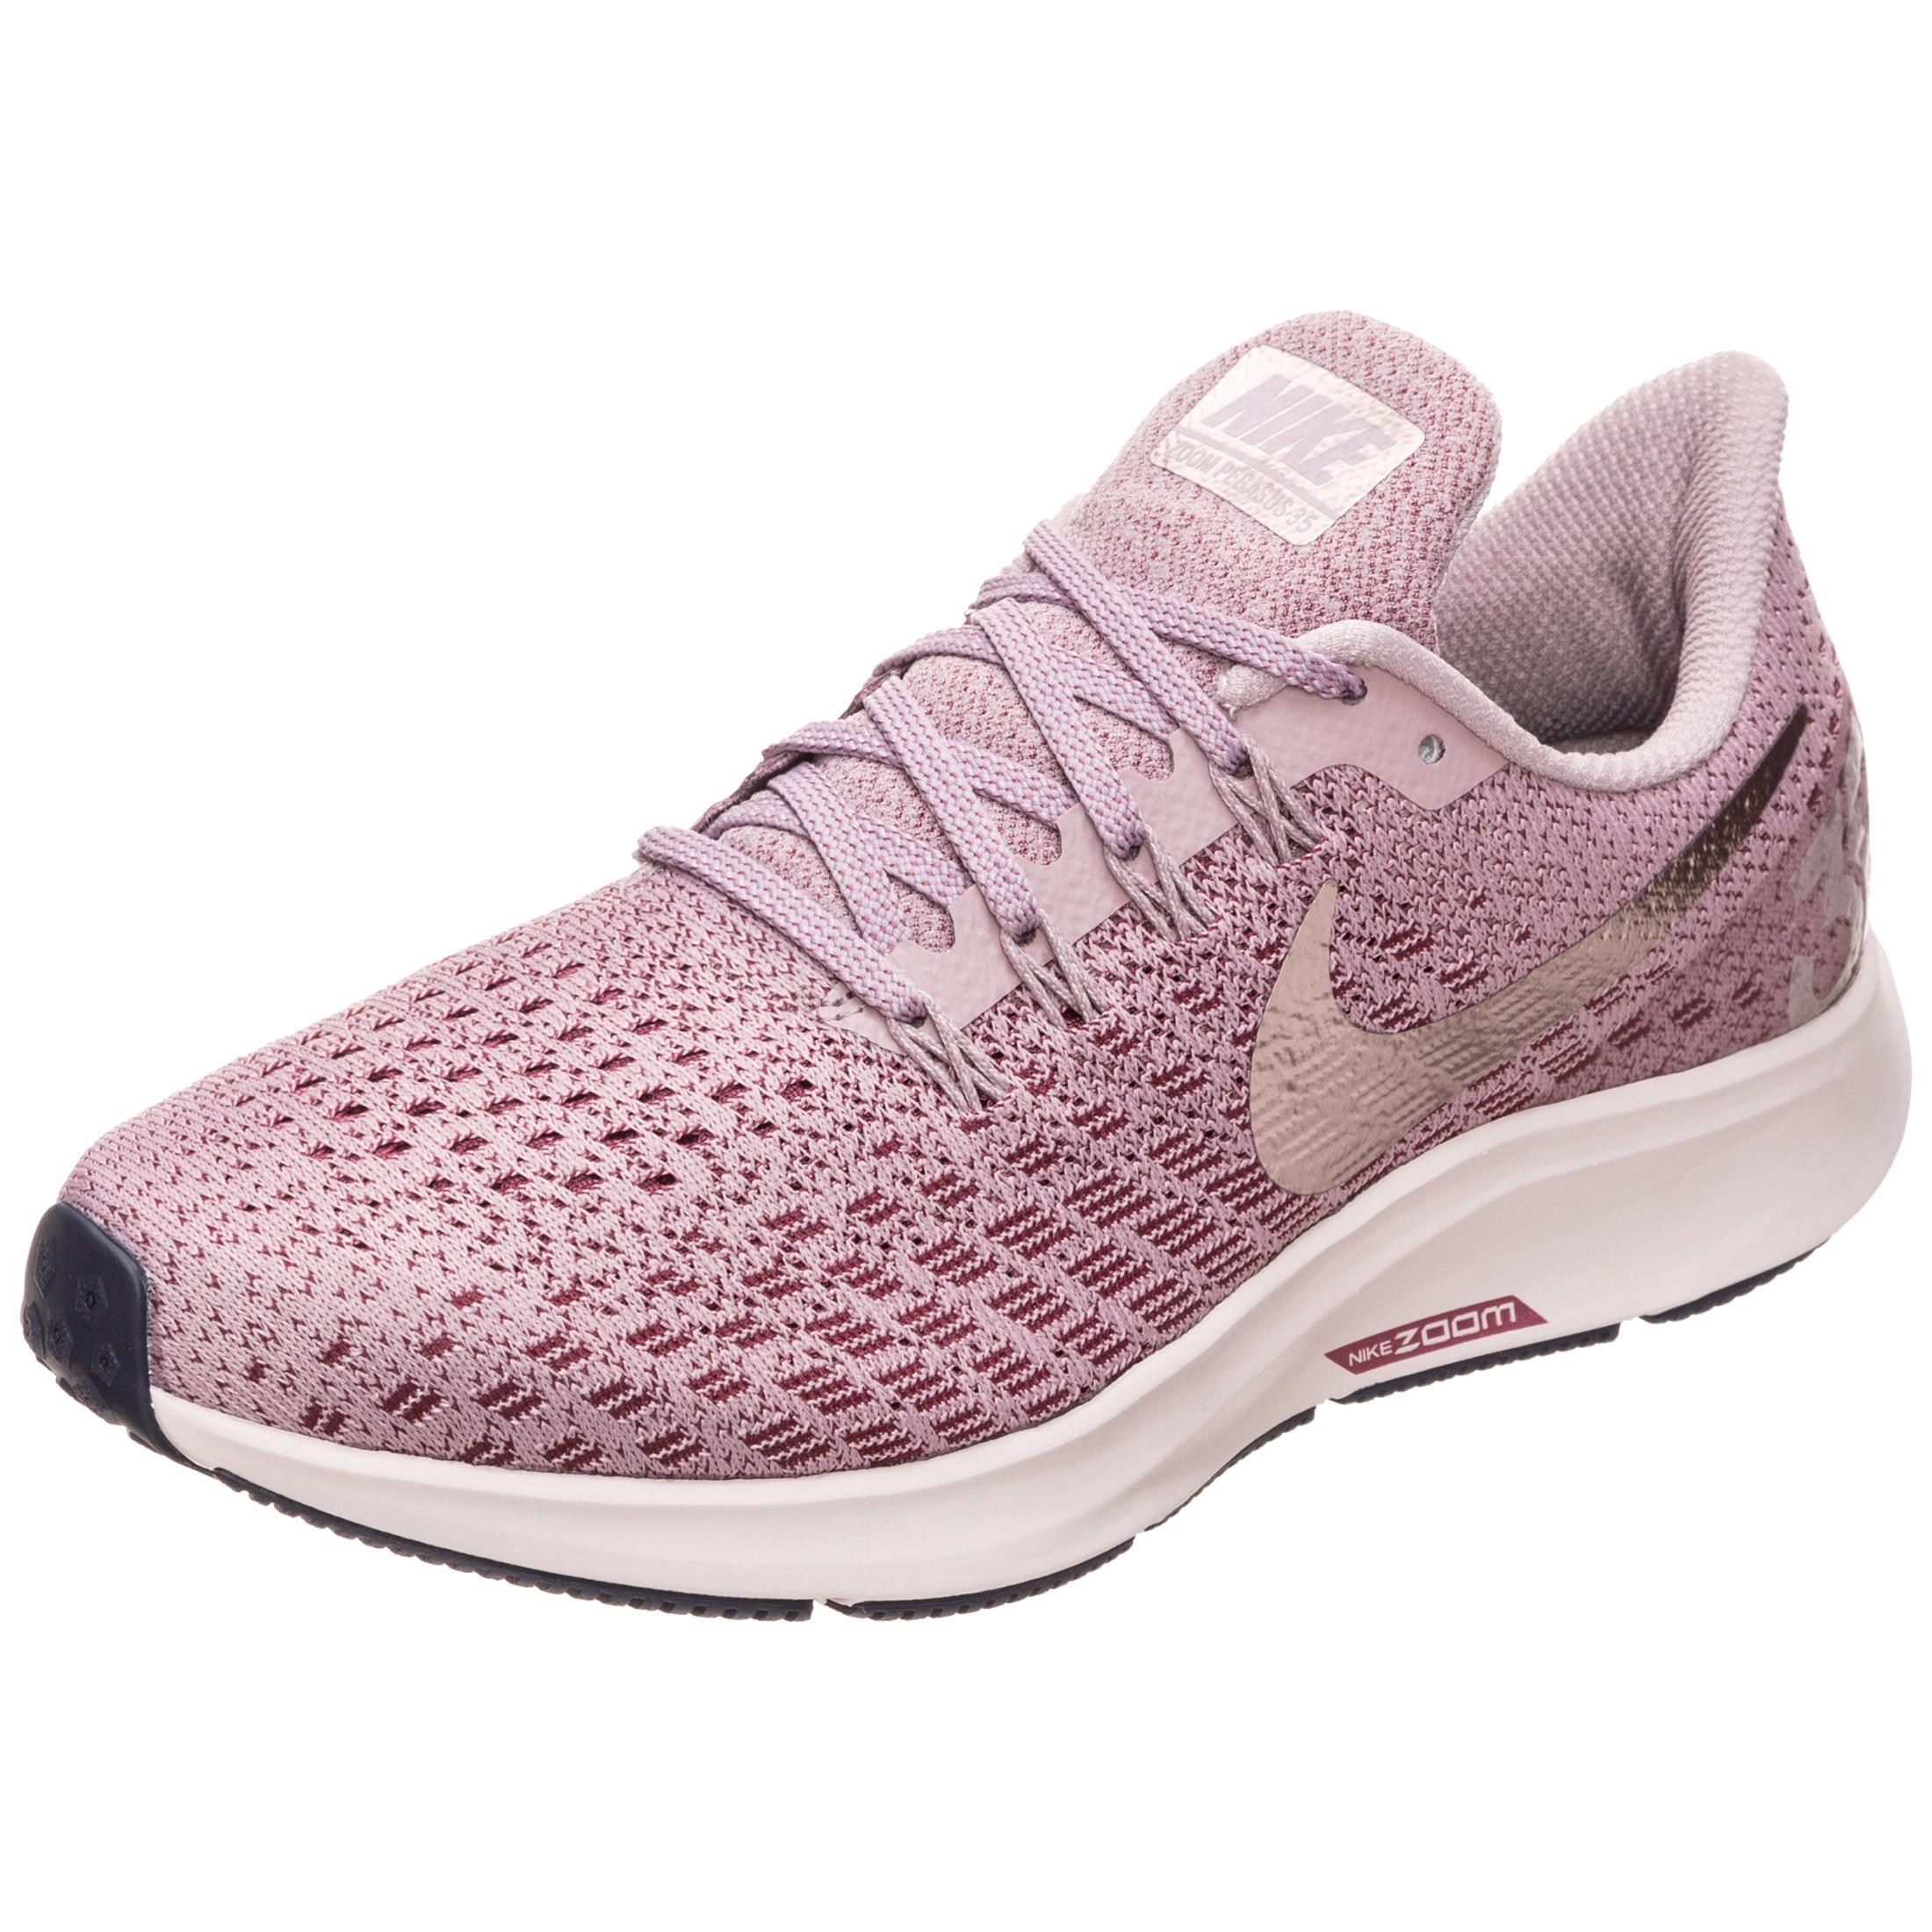 Nike Air Zoom Pegasus 35 Laufschuhe Damen violett / weiß im Online Shop von  SportScheck kaufen